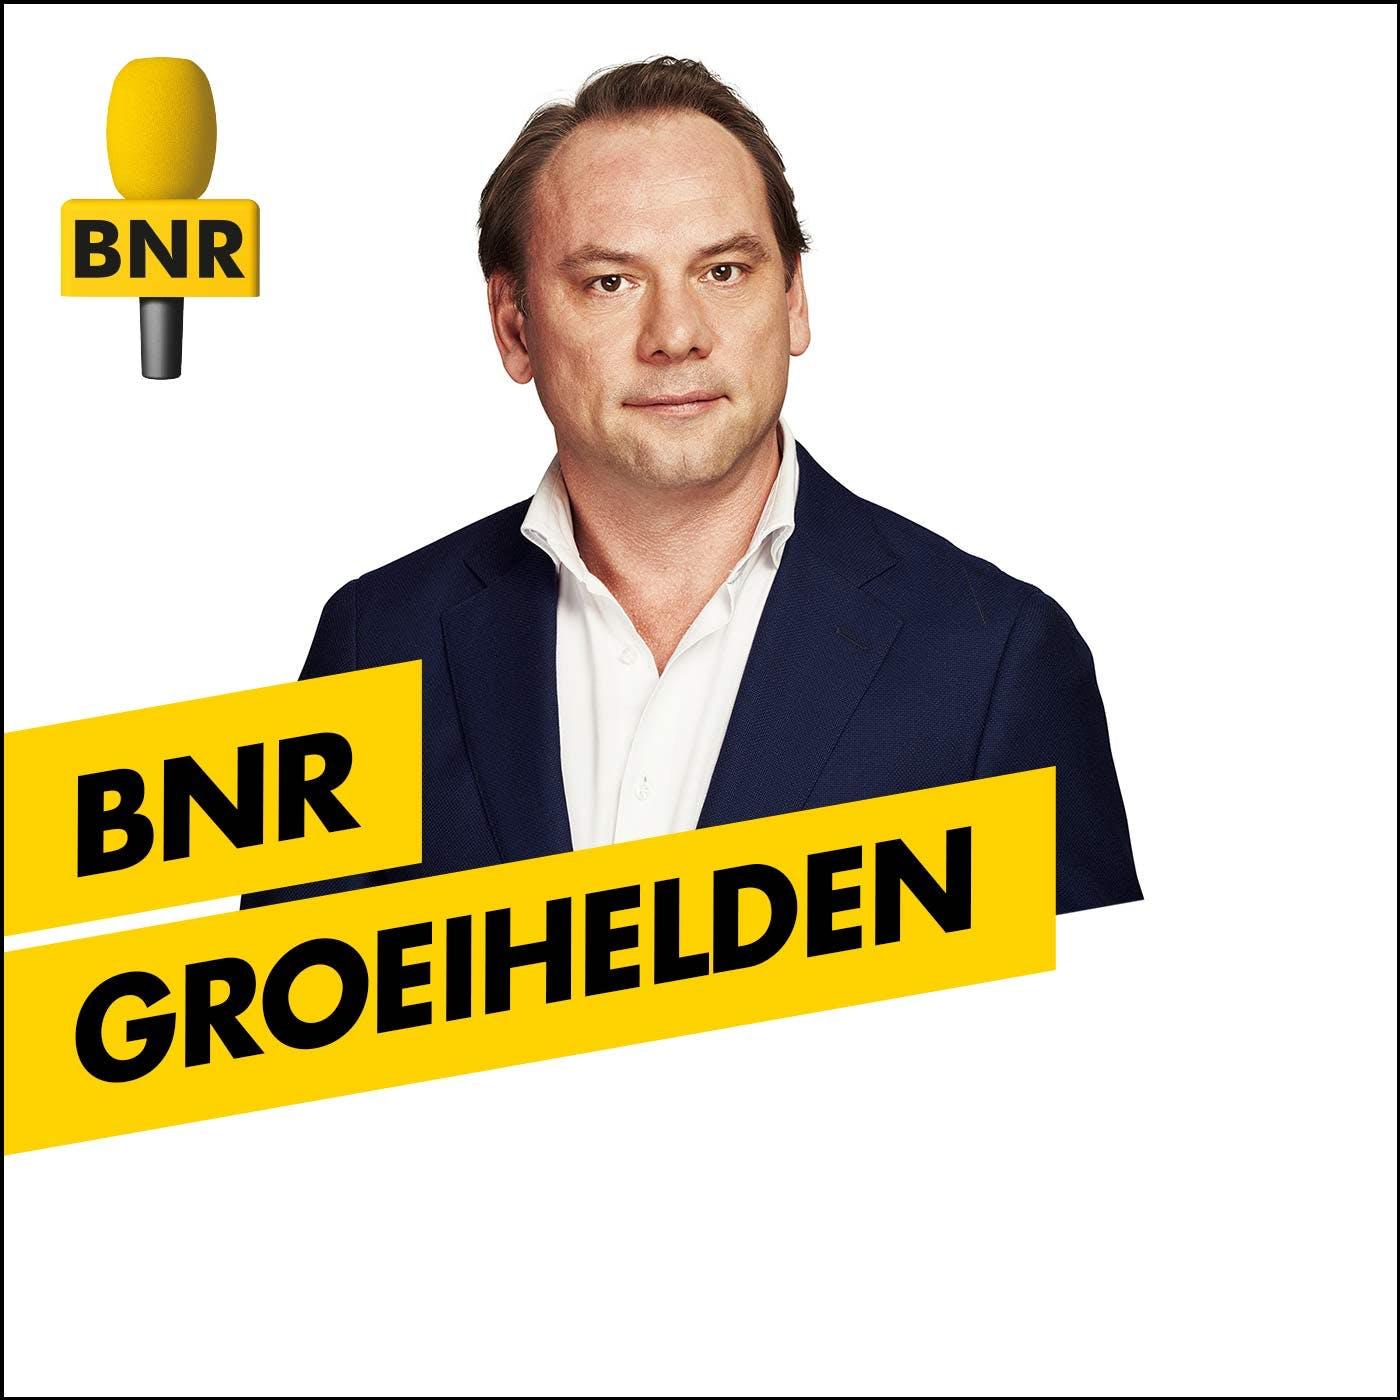 Groeihelden | BNR logo